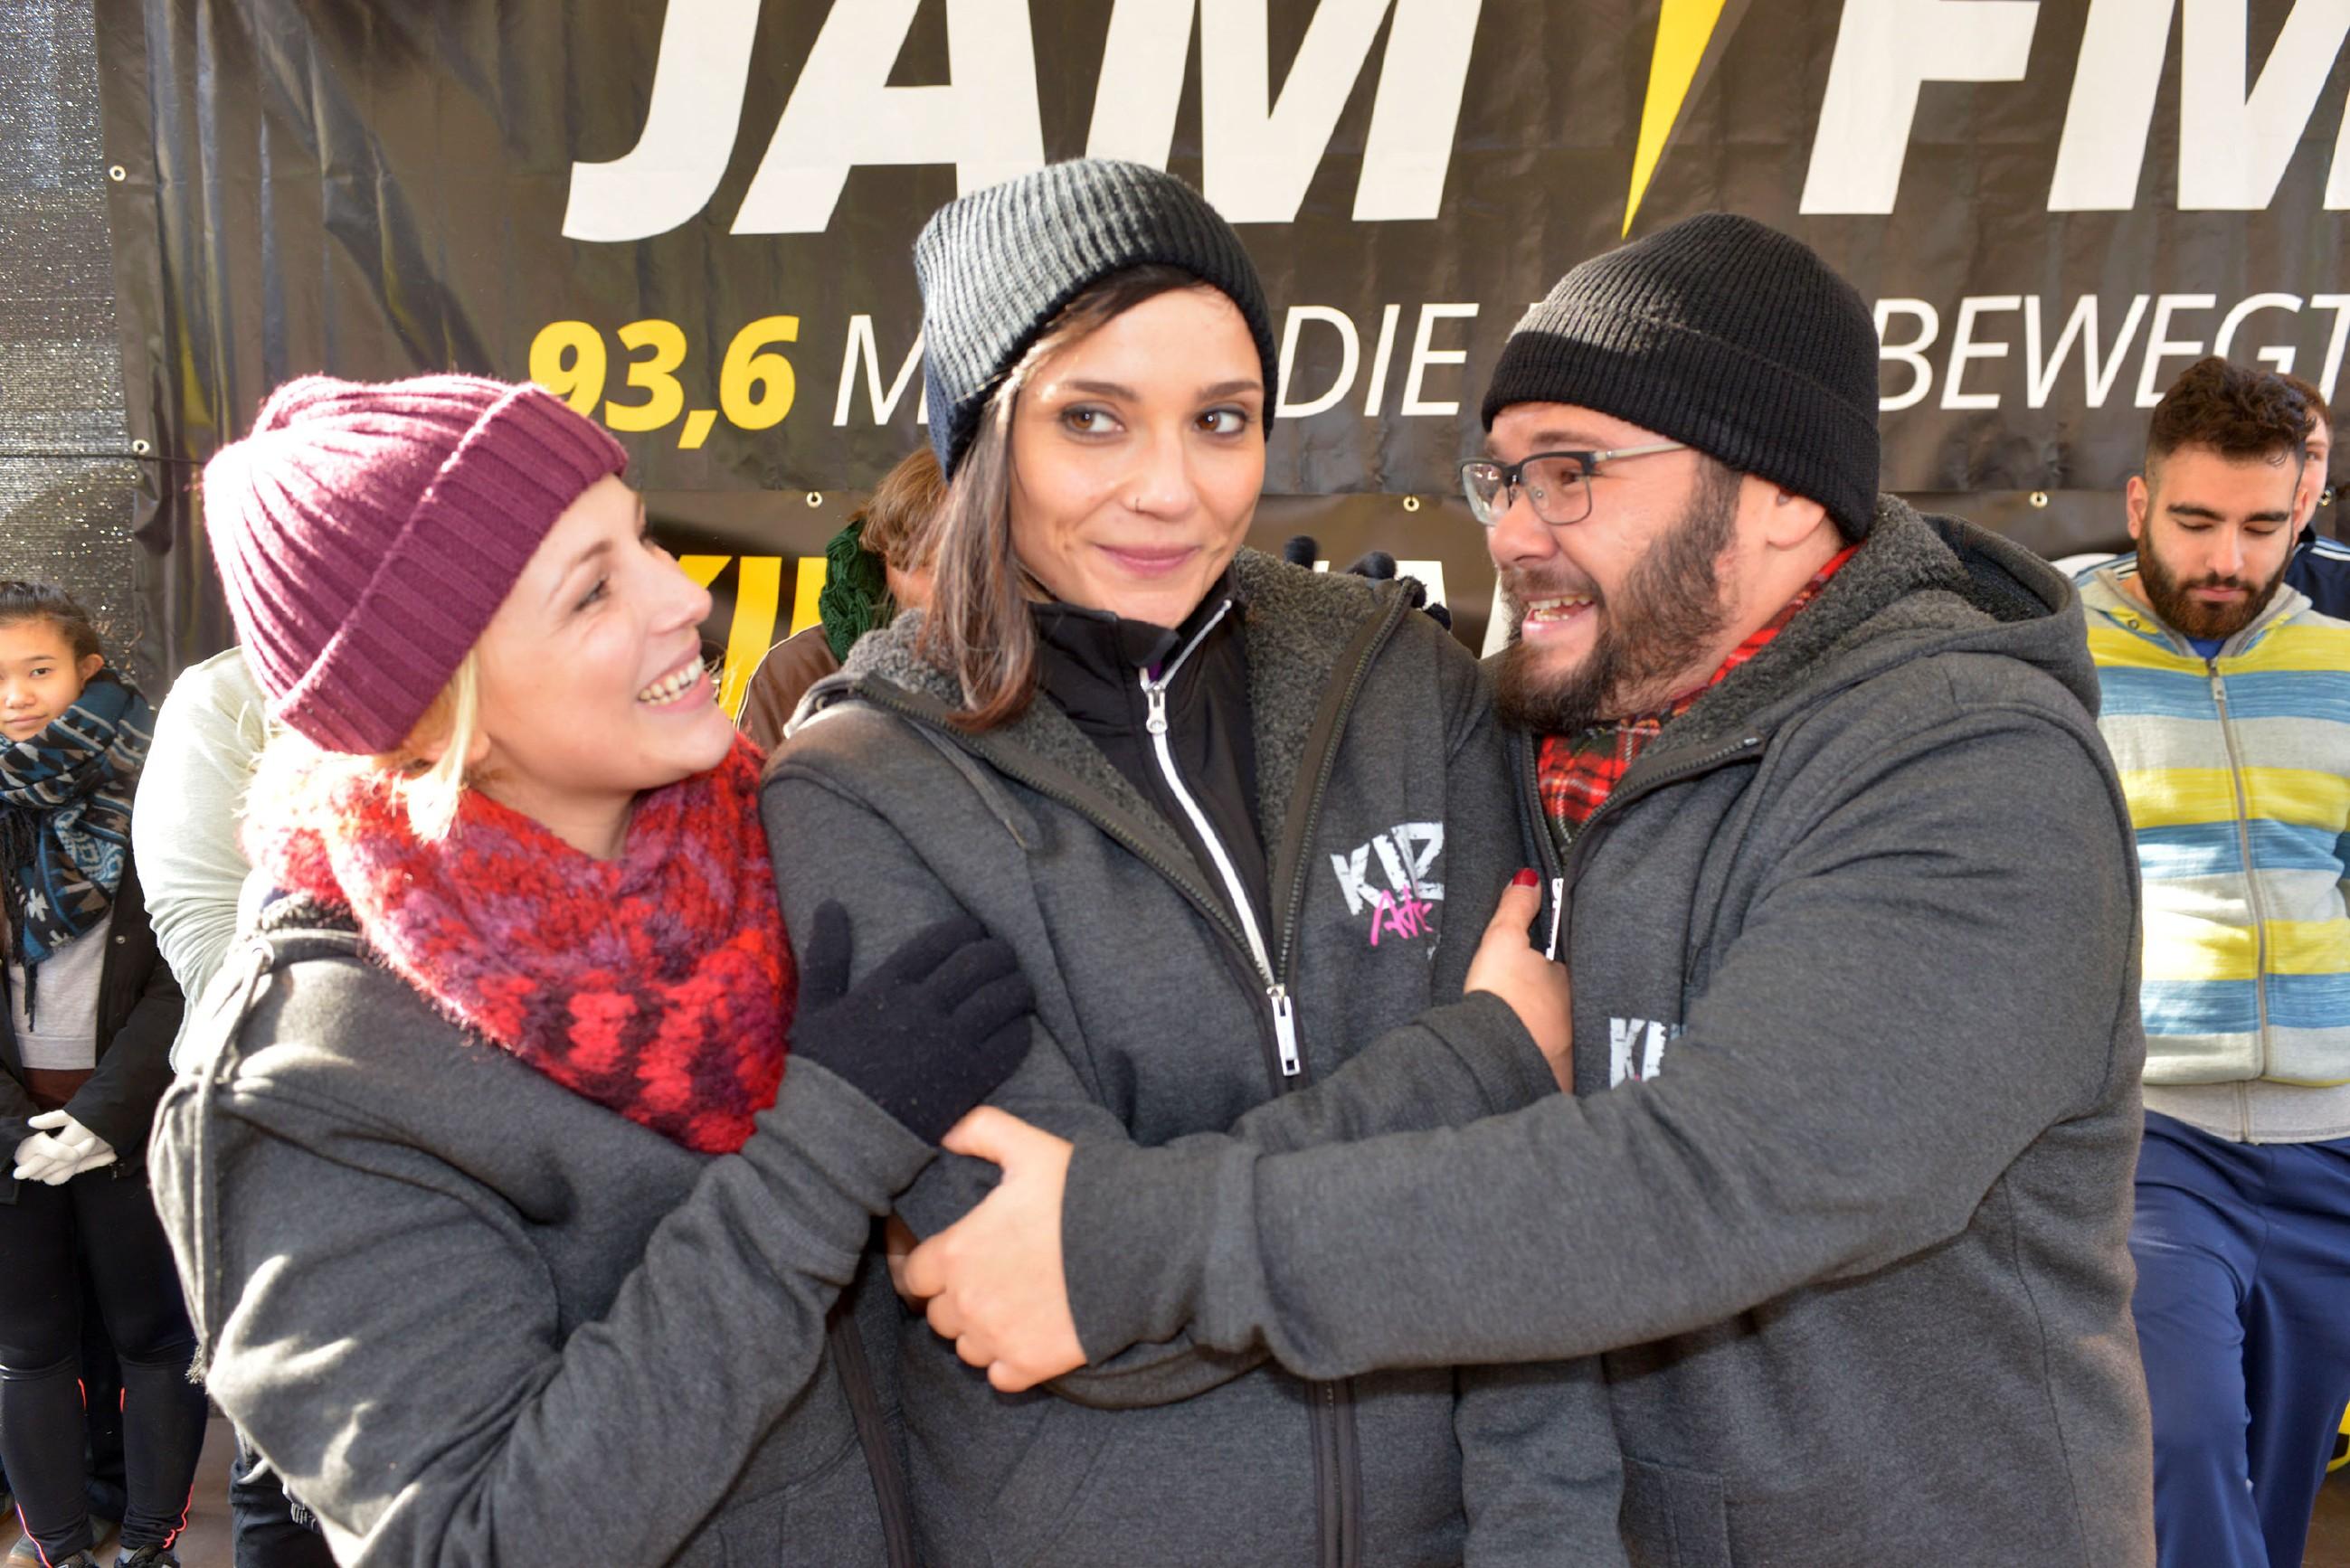 Lilly (Iris Mareike Steen, l.) und Tuner (Thomas Drechsel) freuen sich riesig über Annis (Linda Marlen Runge) Erfolg bei der Kiez-Challenge. (Quelle: RTL / Rolf Baumgartner)